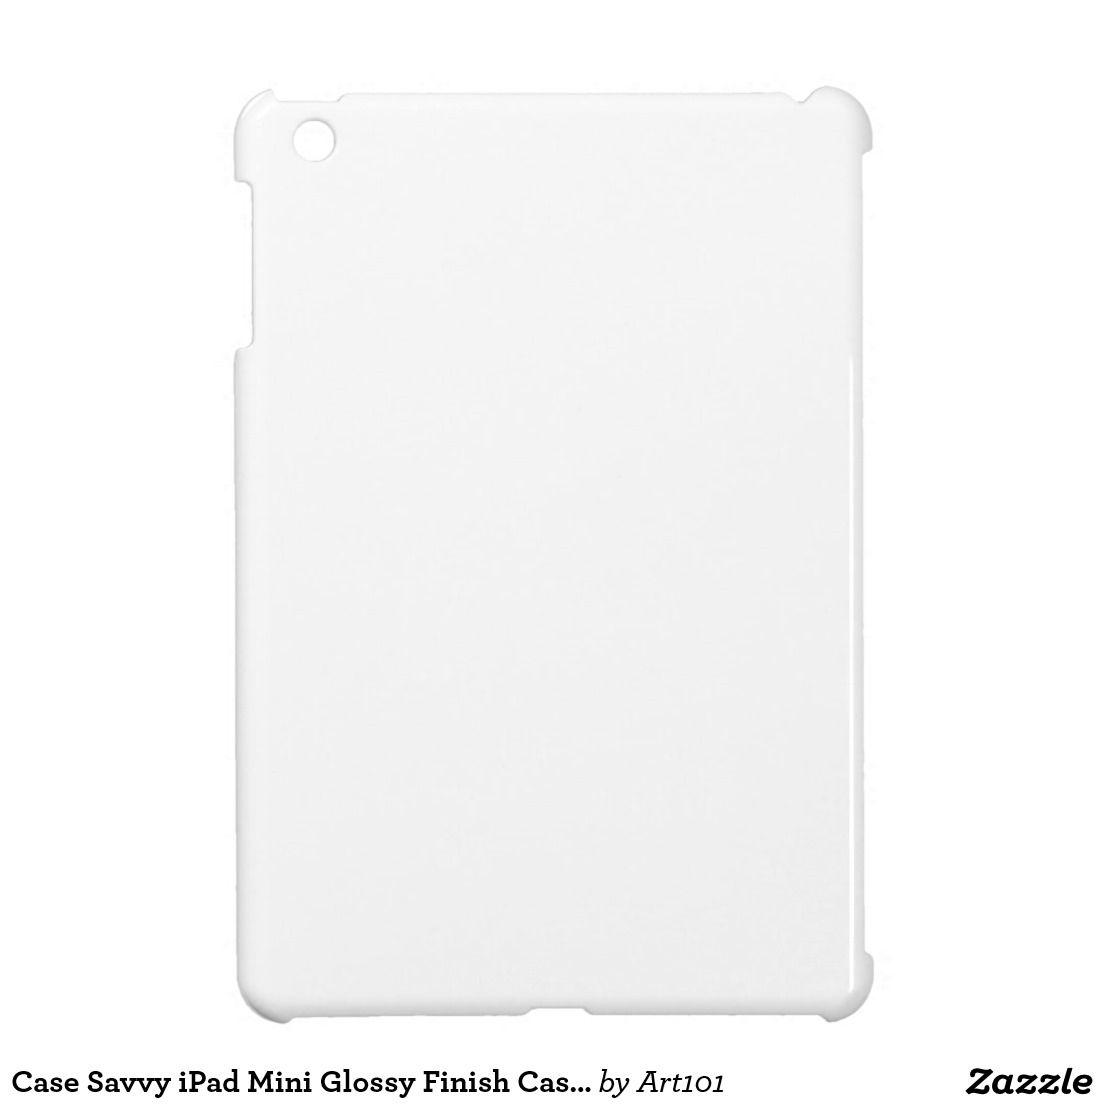 Case savvy ipad mini glossy finish case template ipad mini cases case savvy ipad mini glossy finish case template ipad mini cases pronofoot35fo Gallery